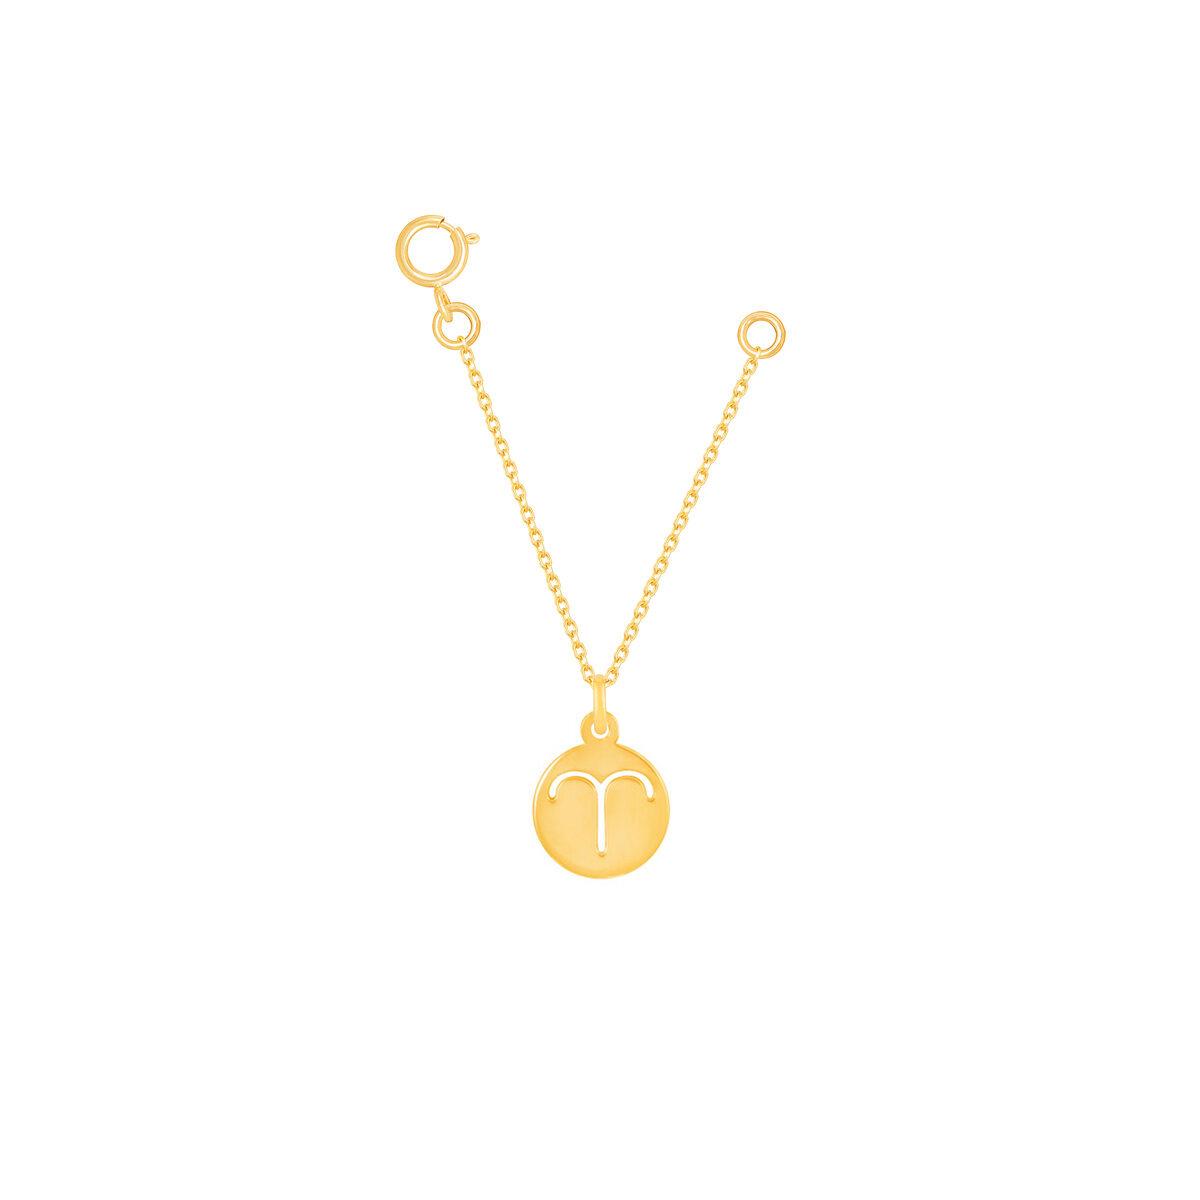 آویز ساعت طلا نماد ماه فروردین